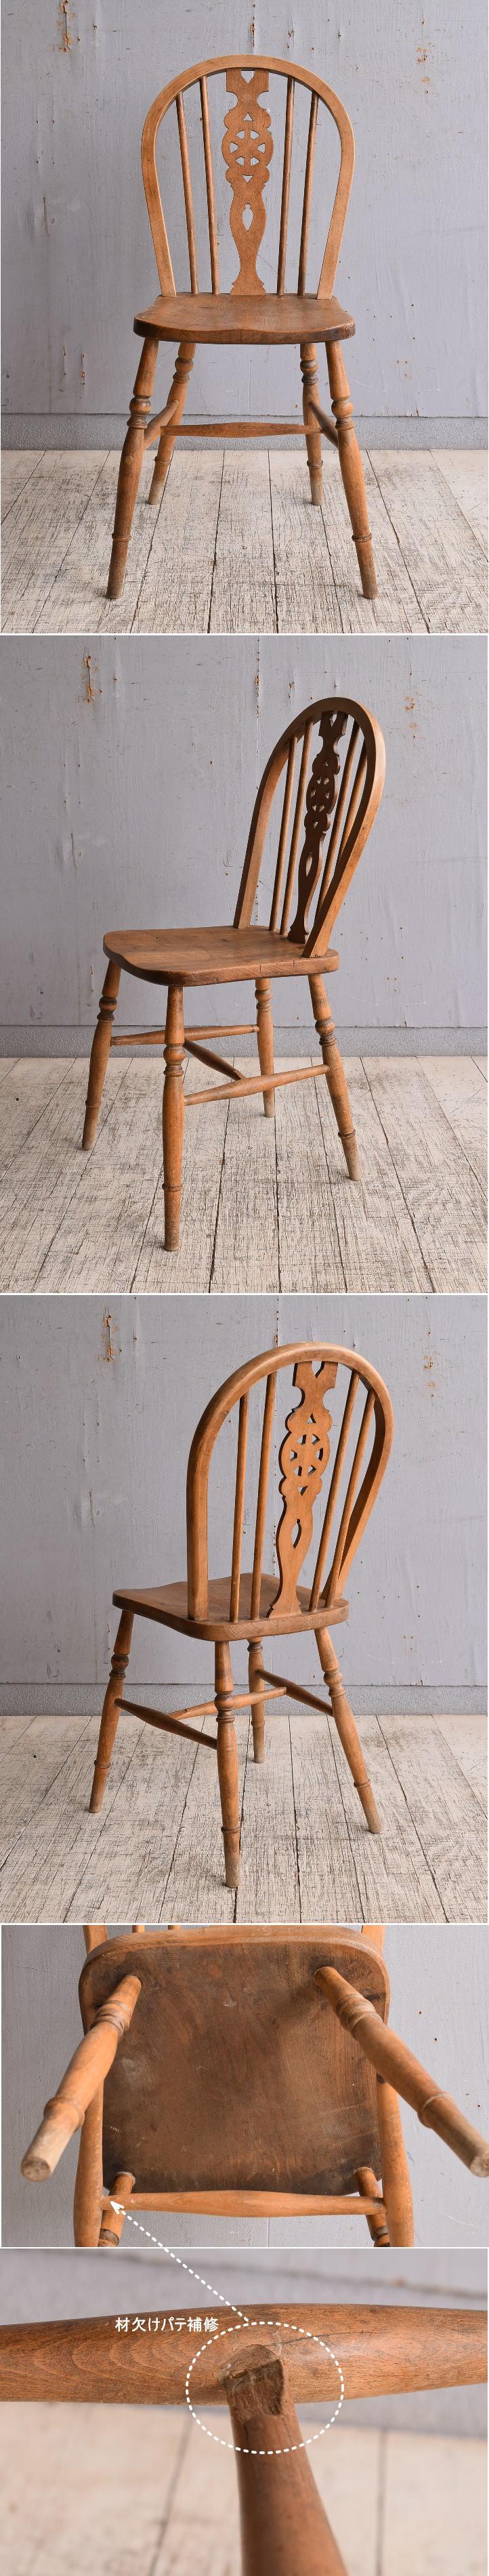 イギリス アンティーク家具 キッチンチェア 椅子 9838